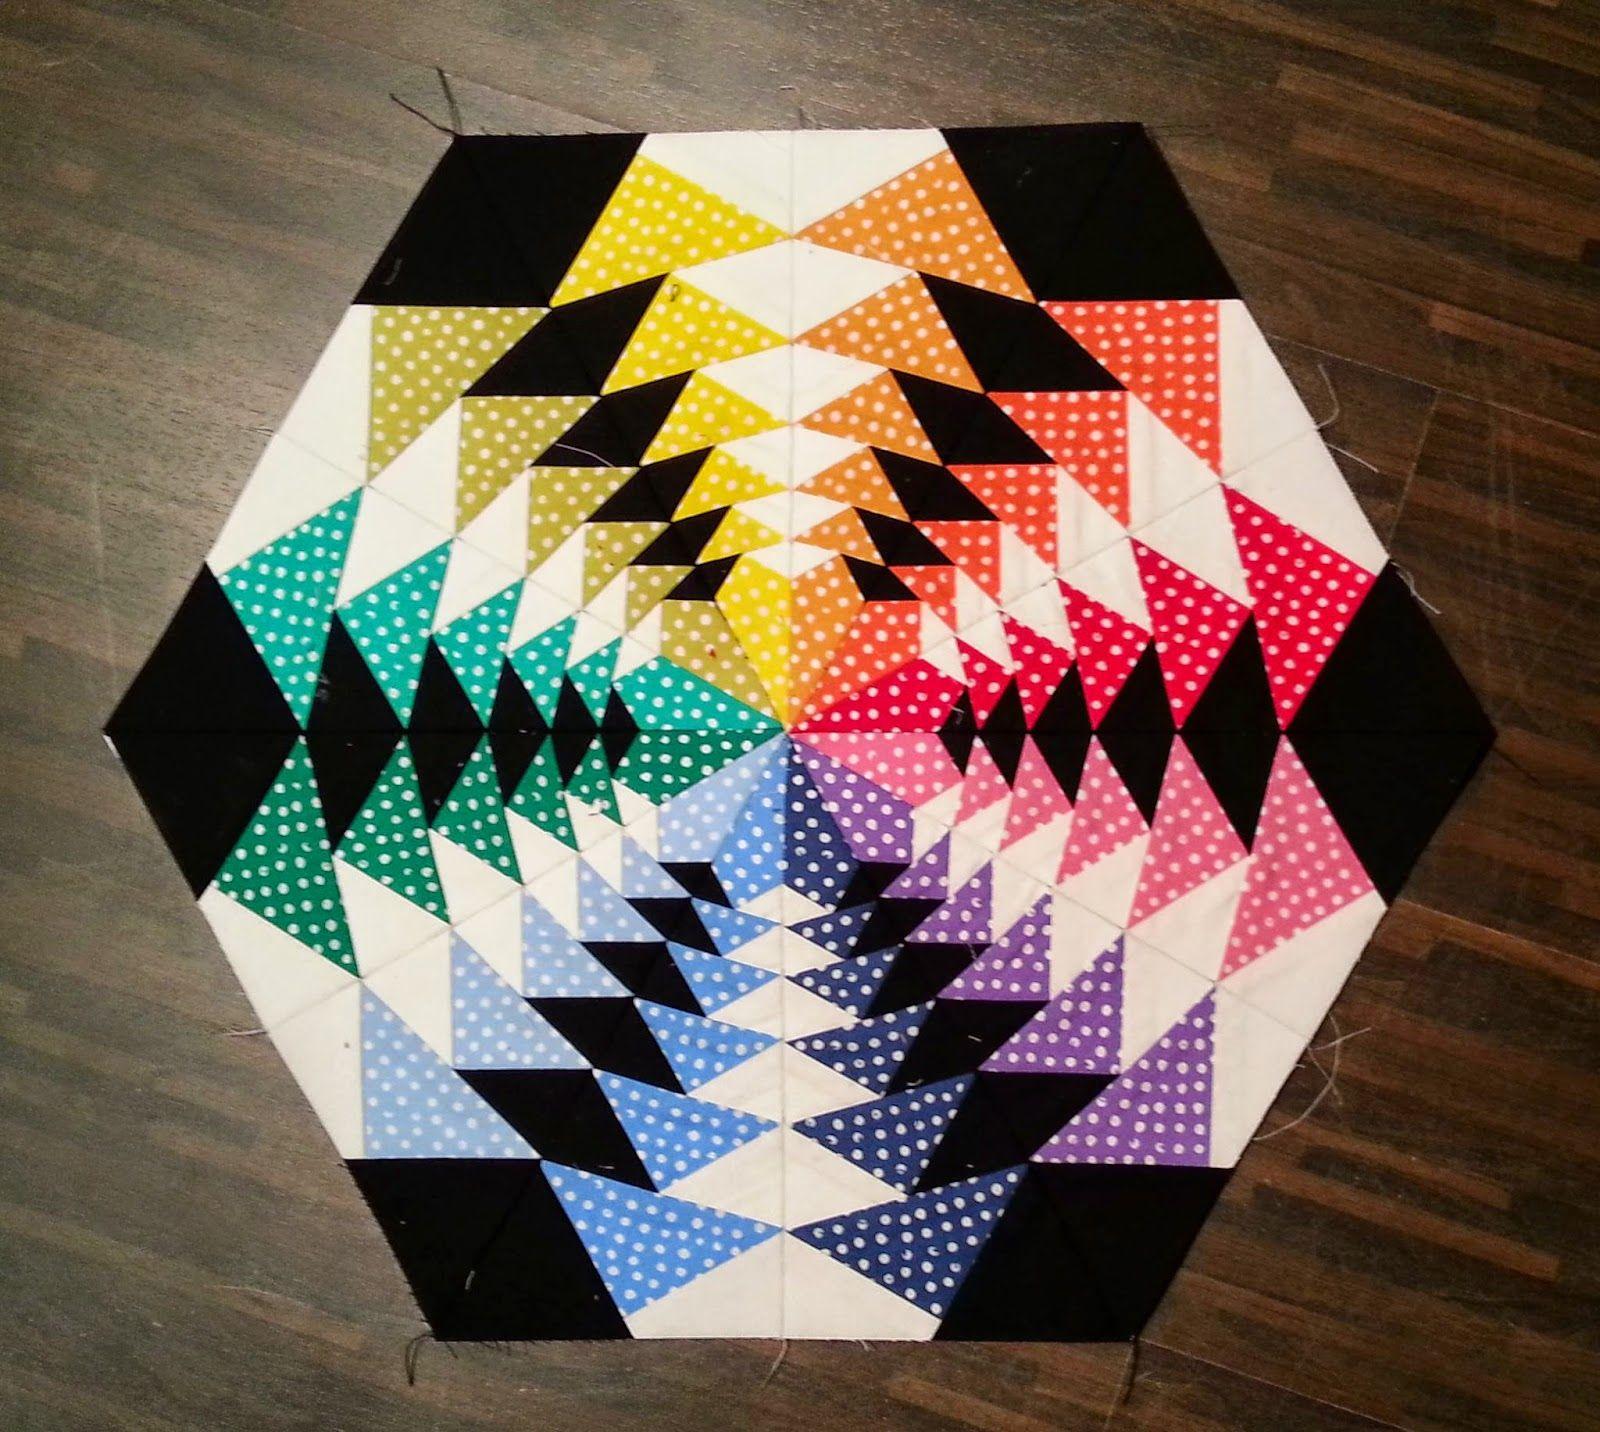 janja kreativ patchwork stoffkreationen patchwork n hen und n hen auf papier. Black Bedroom Furniture Sets. Home Design Ideas